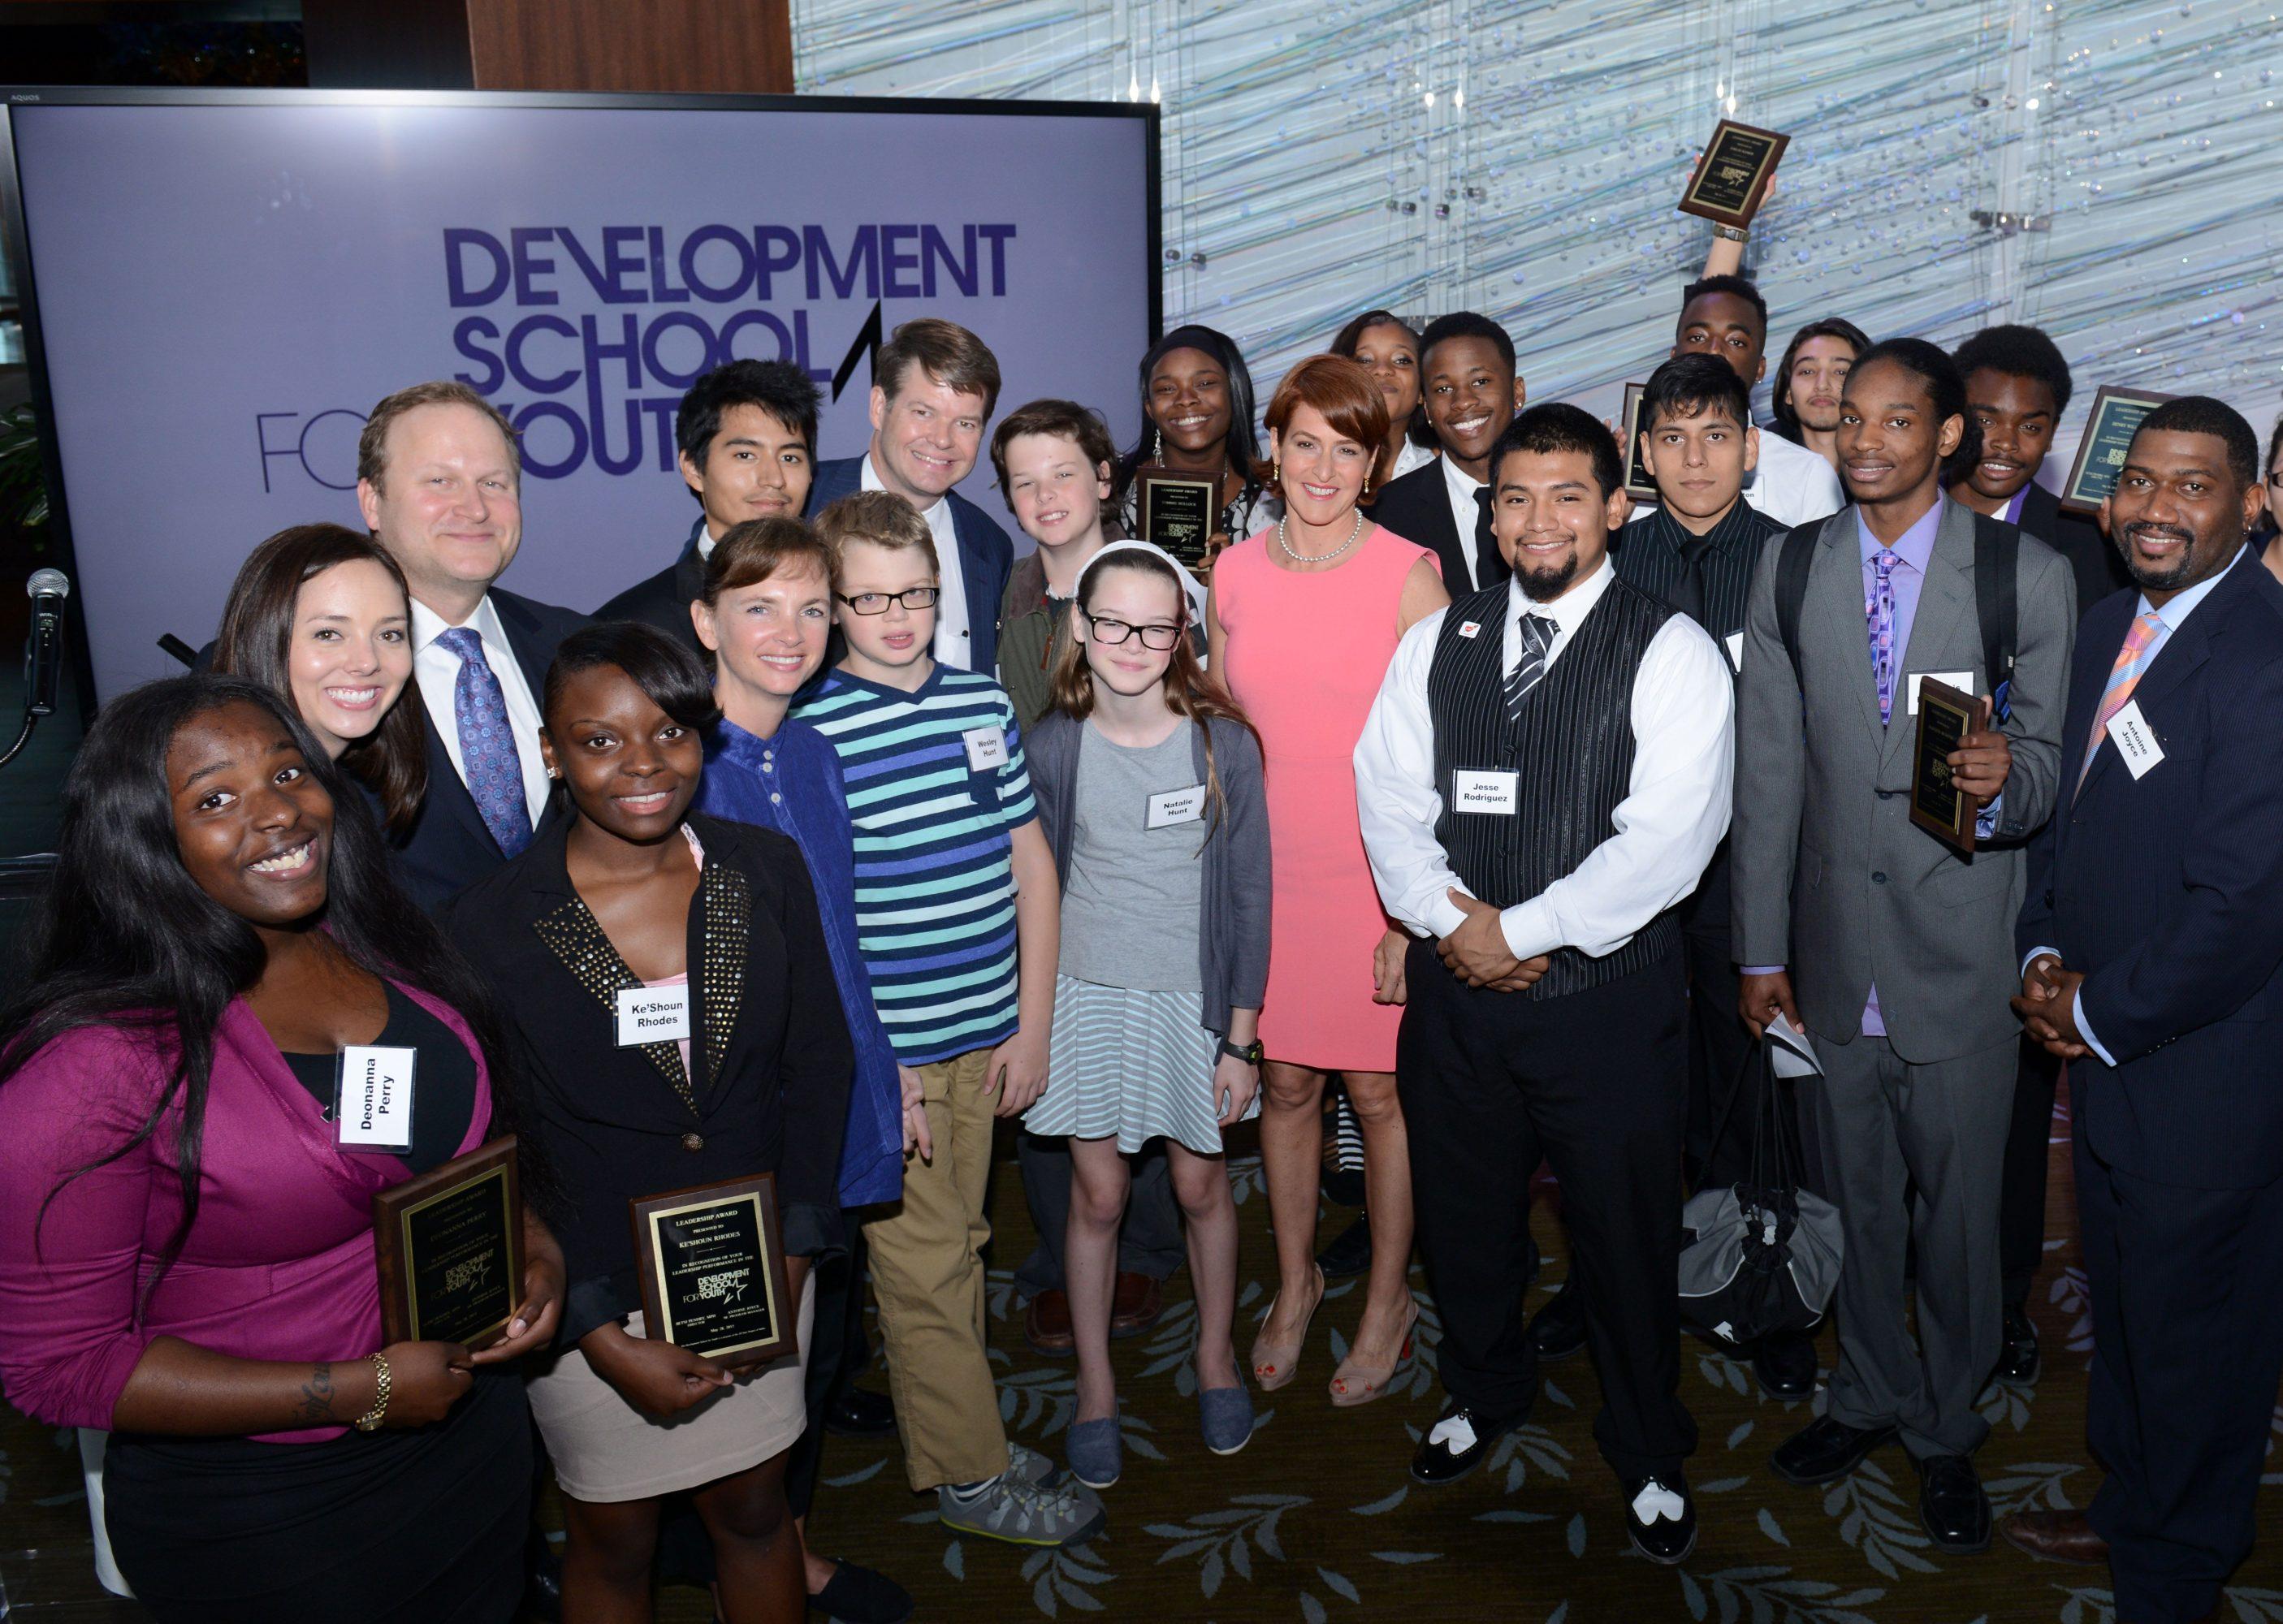 2015 All Stars Project of Dallas DSY Graduation.